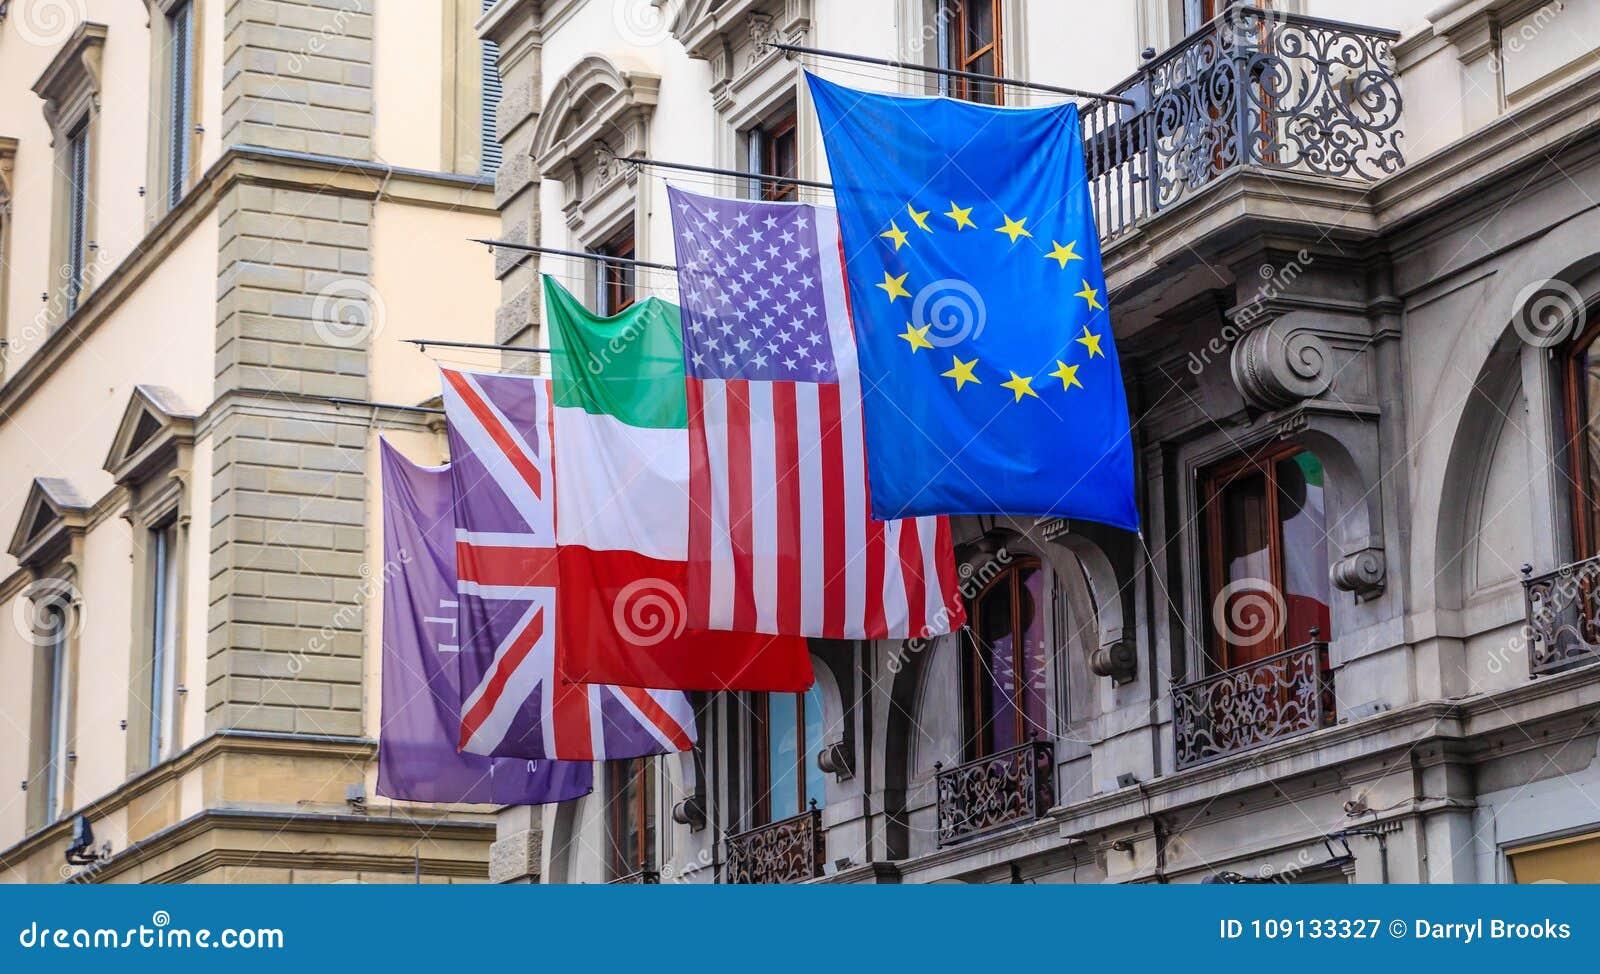 Πέντε σημαίες στη Φλωρεντία